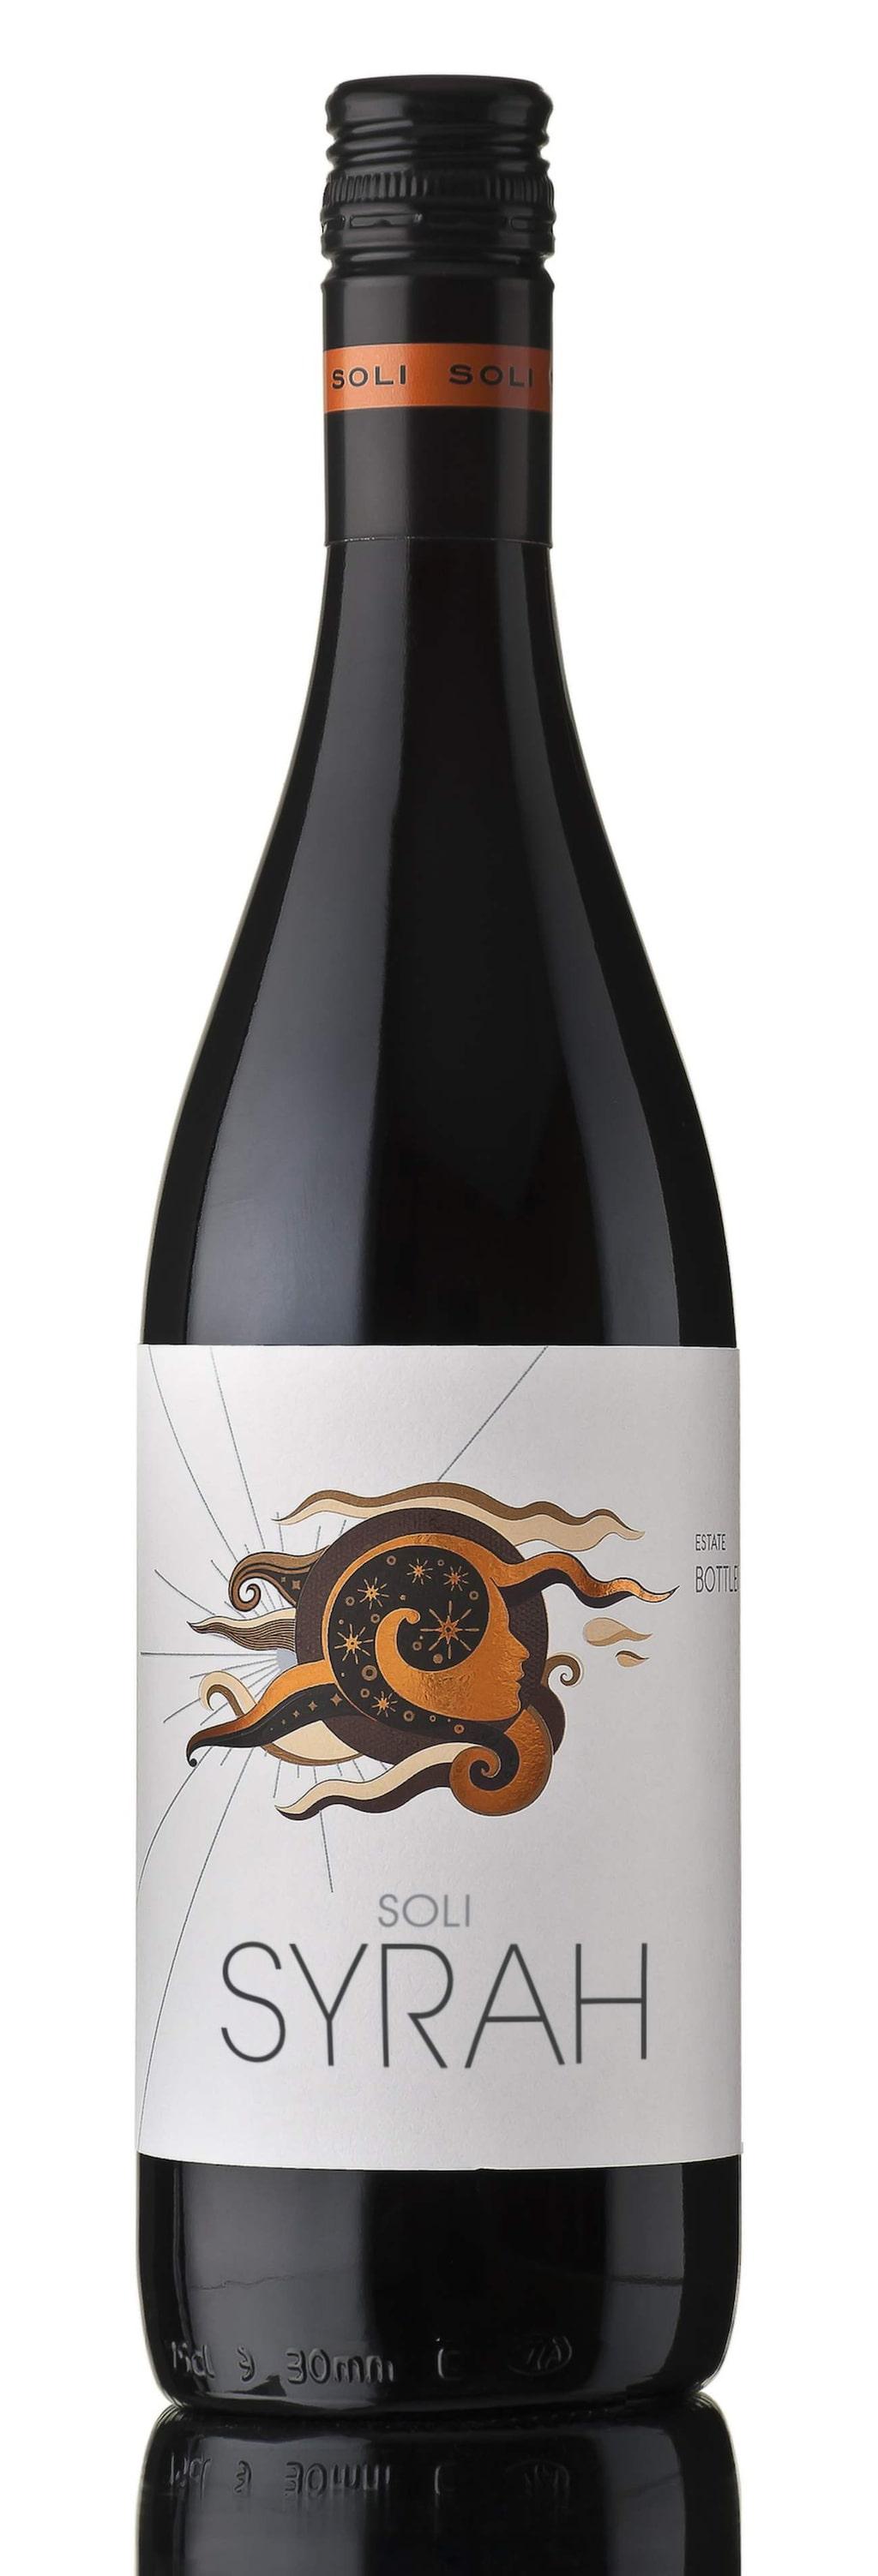 """<strong>Soli Syrah 2013</strong><br>(2224) Bulgarien, 49 kronor<br>Prissänkt vin i soft stil med toner av blåbär, kryddor och bra intensitet. Gärna till en renskavs-panna.<br><exp:icon type=""""wasp""""></exp:icon><exp:icon type=""""wasp""""></exp:icon><exp:icon type=""""wasp""""></exp:icon><exp:icon type=""""wasp""""></exp:icon><exp:icon type=""""wasp""""></exp:icon>"""